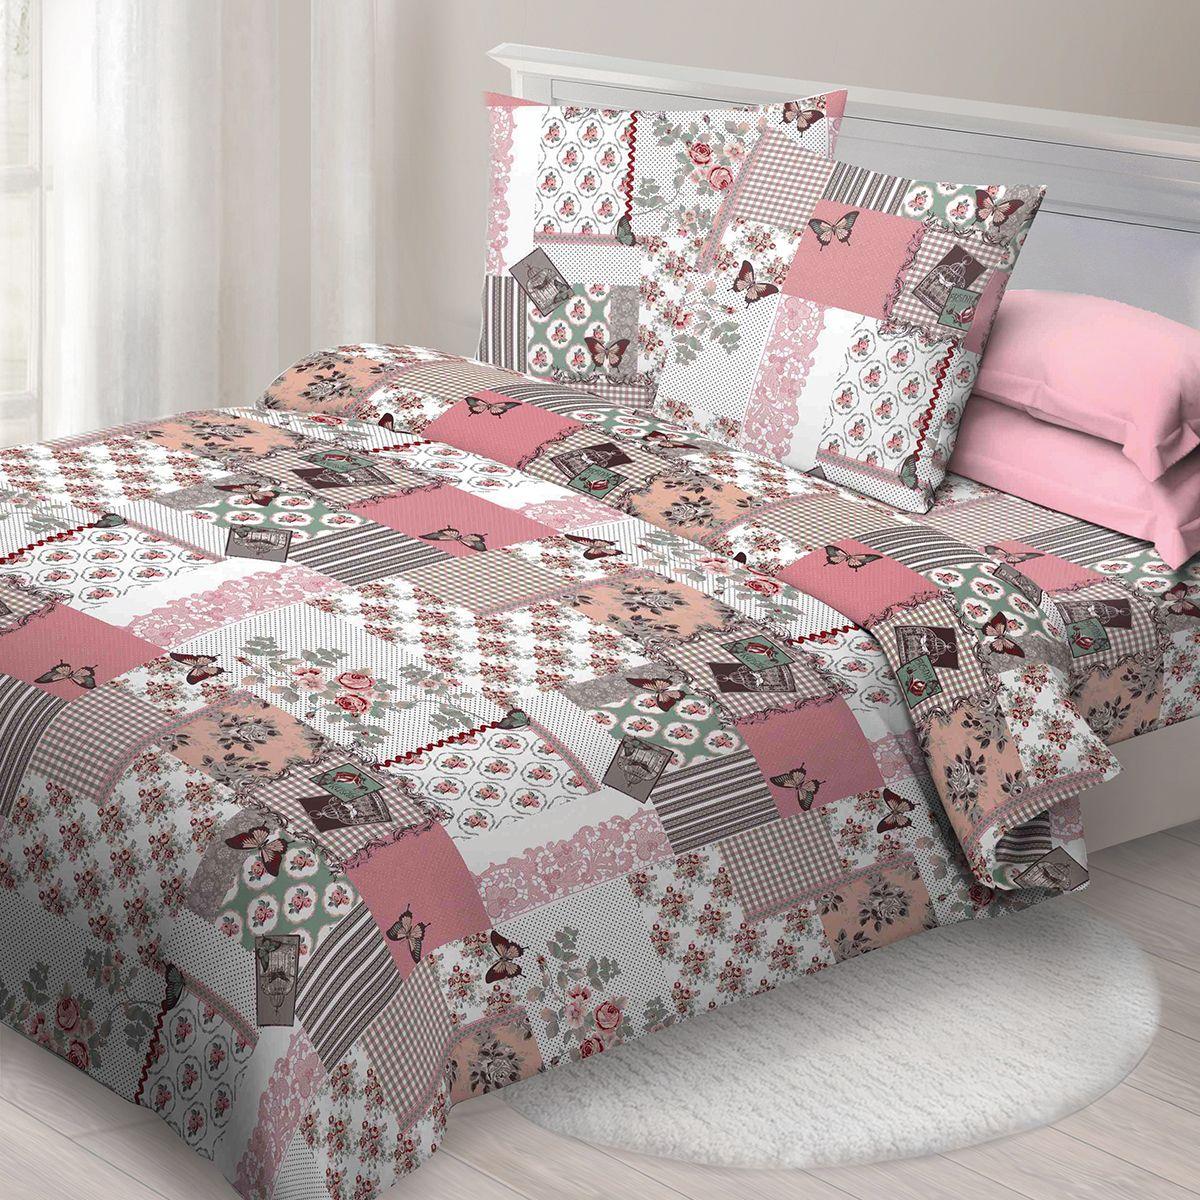 Комплект белья Спал Спалыч Прованс, 2-спальное, наволочки 70x70, цвет: розовый88091Спал Спалыч - недорогое, но качественное постельное белье из белорусской бязи. Актуальные дизайны, авторская упаковка в сочетании с качественными материалами и приемлемой ценой - залог успеха Спал Спалыча! В ассортименте широкая линейка домашнего текстиля для всей семьи - современные дизайны современному покупателю! Ткань обработана по технологии PERFECT WAY - благодаря чему, она становится более гладкой и шелковистой. • Бязь Барановичи 100% хлопок • Плотность ткани - 125 гр/кв.м.